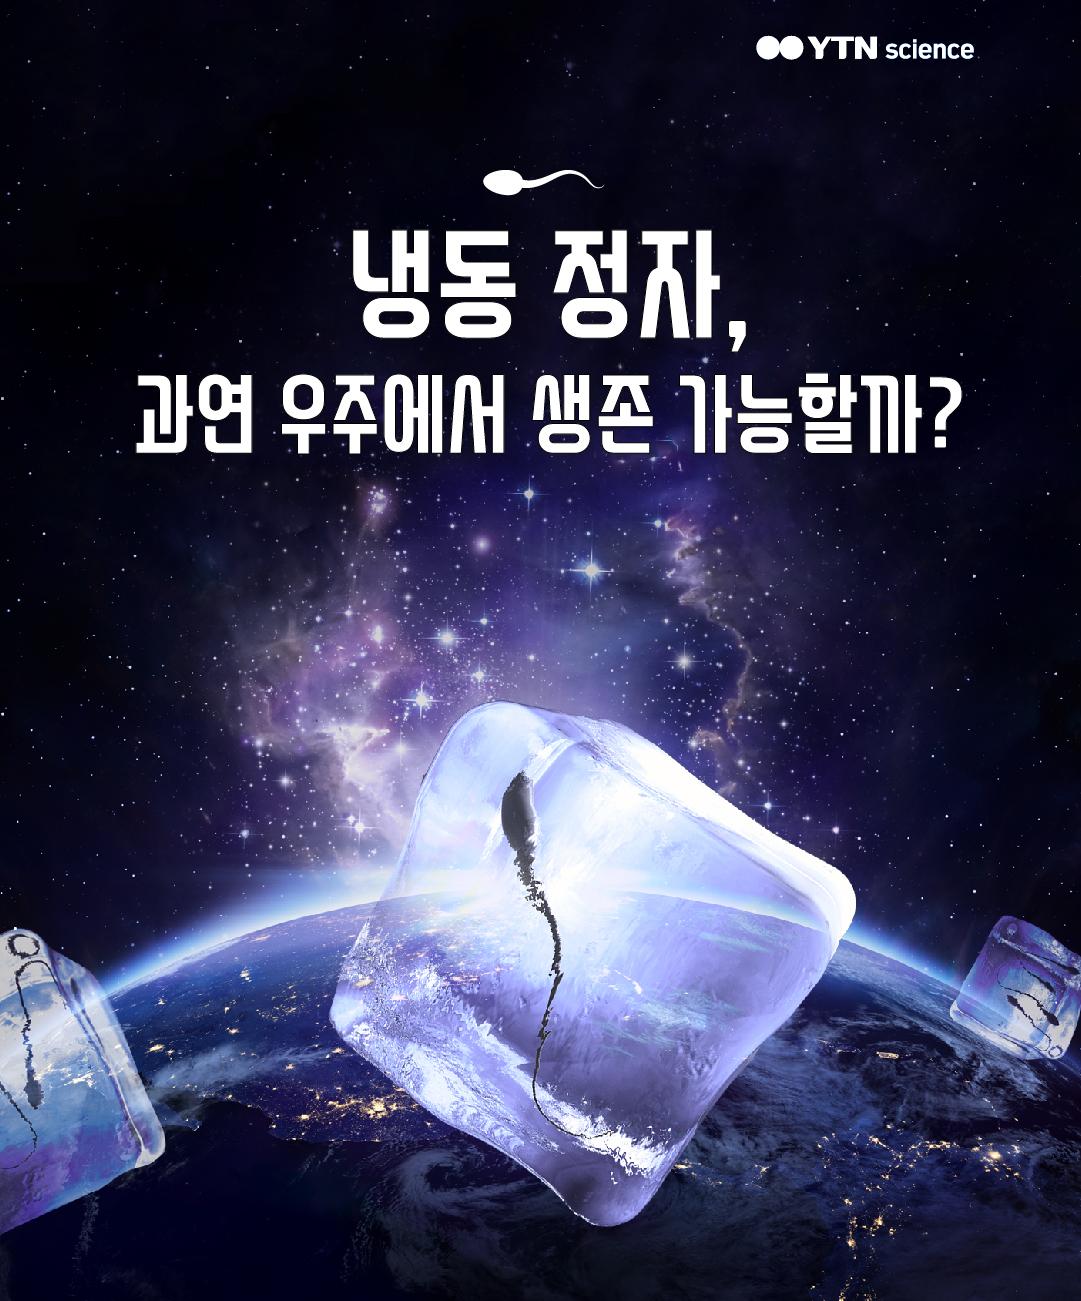 냉동 정자, 과연 우주에서 생존 가능할까? 이미지